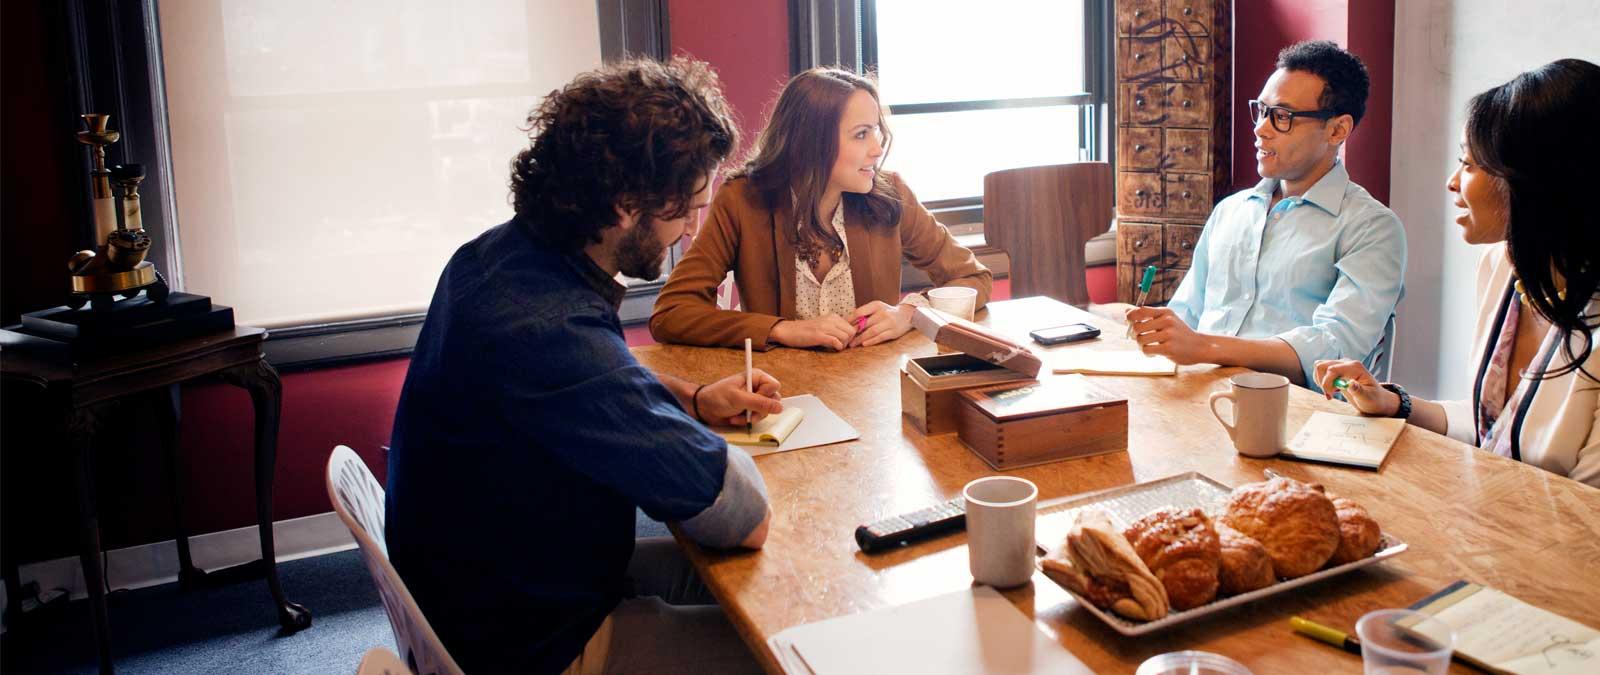 Četiri osobe koje rade u kancelariji i koriste Office 365 Enterprise E3.